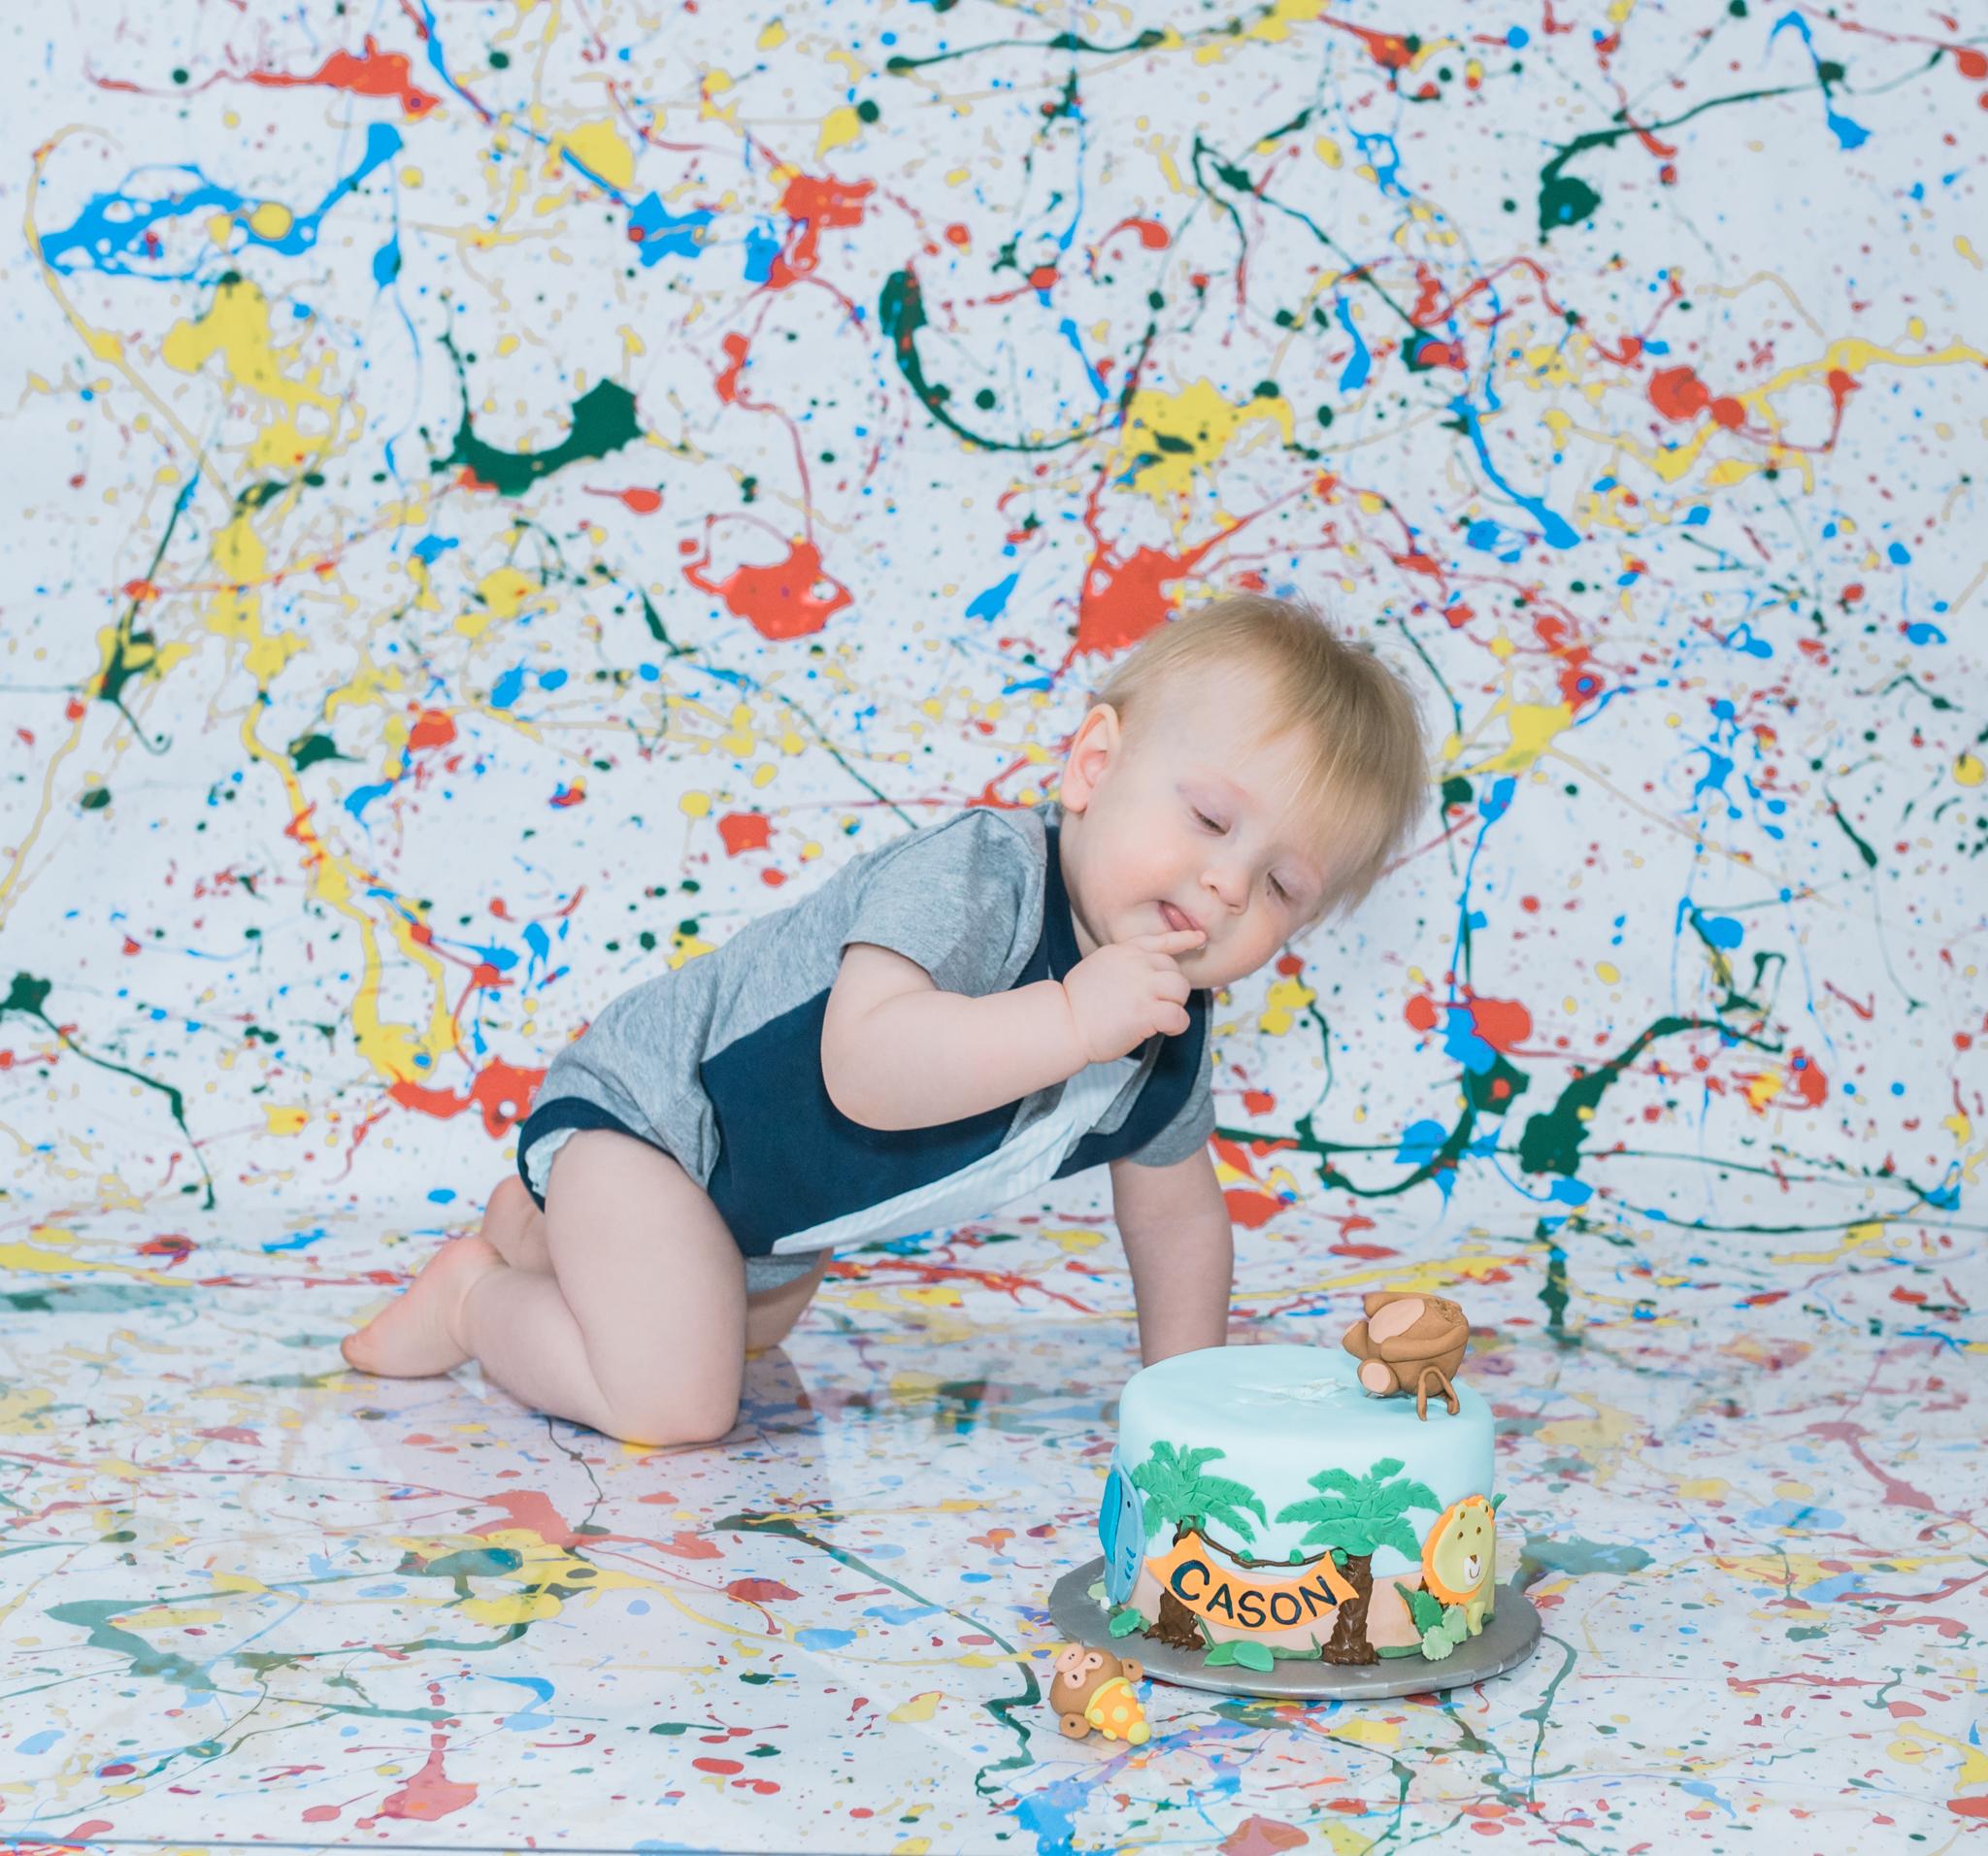 cakesmashfb-6039.jpg